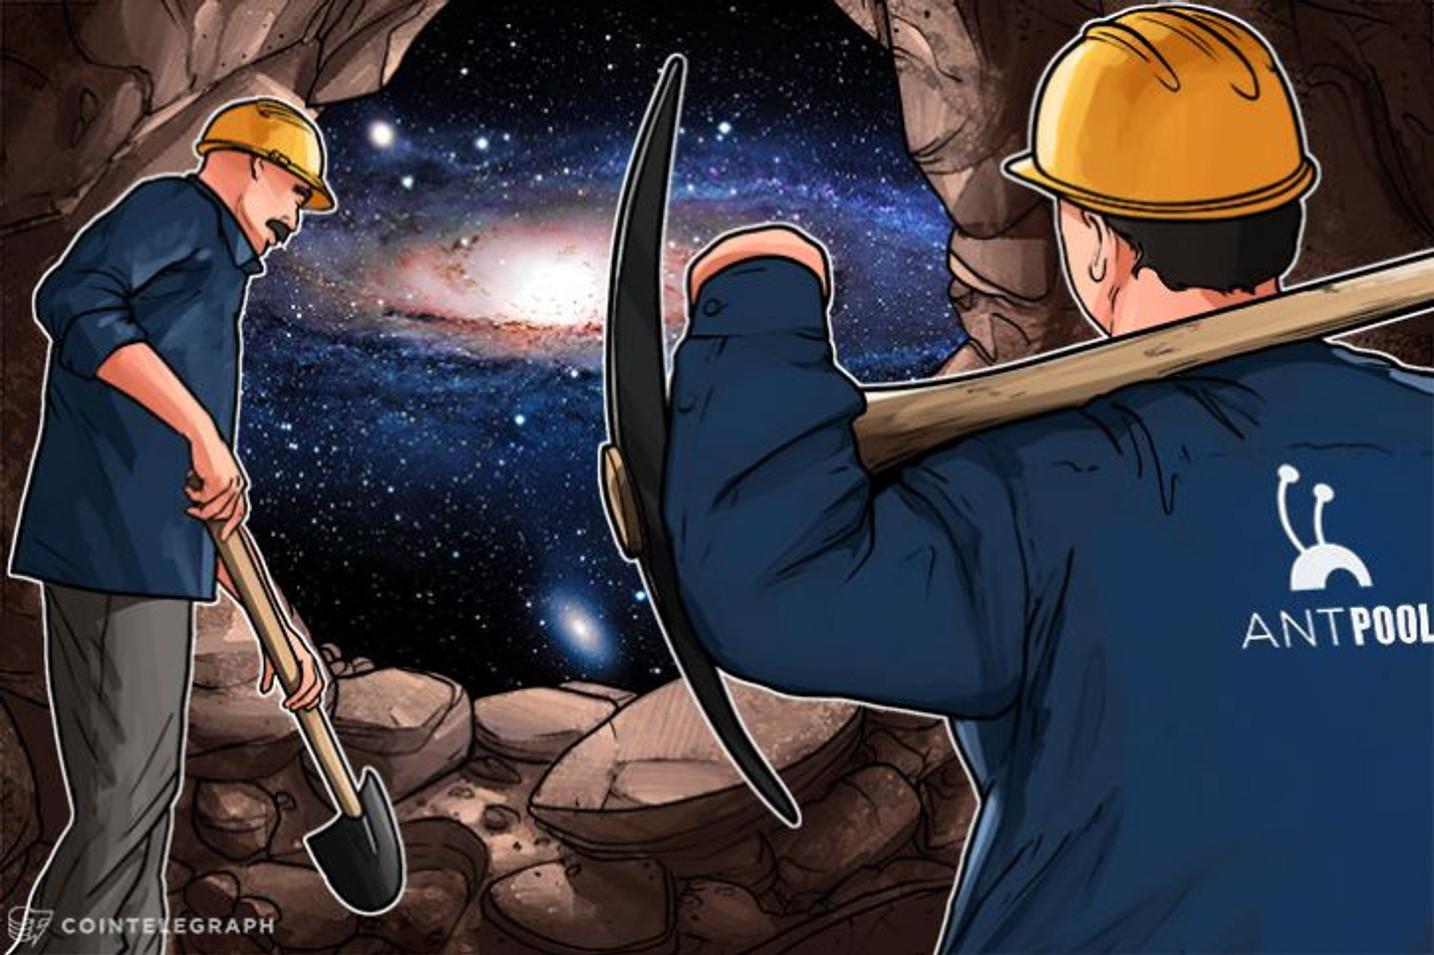 Najveći 'pool' za rudarenje podržao Bitcoin Unlimited